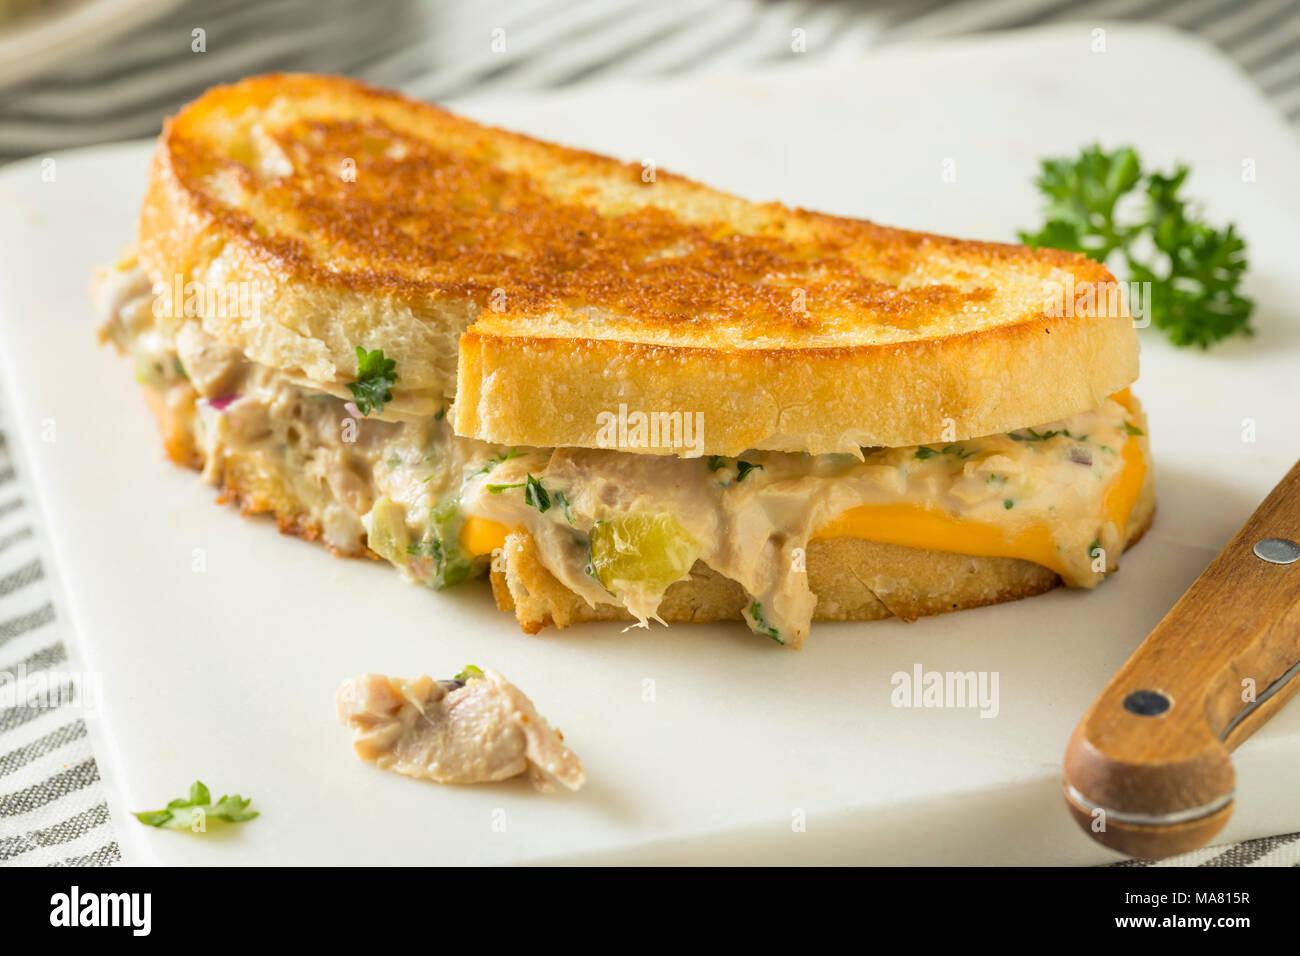 Thon grillé maison Sandwich Fonte prêt à manger Banque D'Images